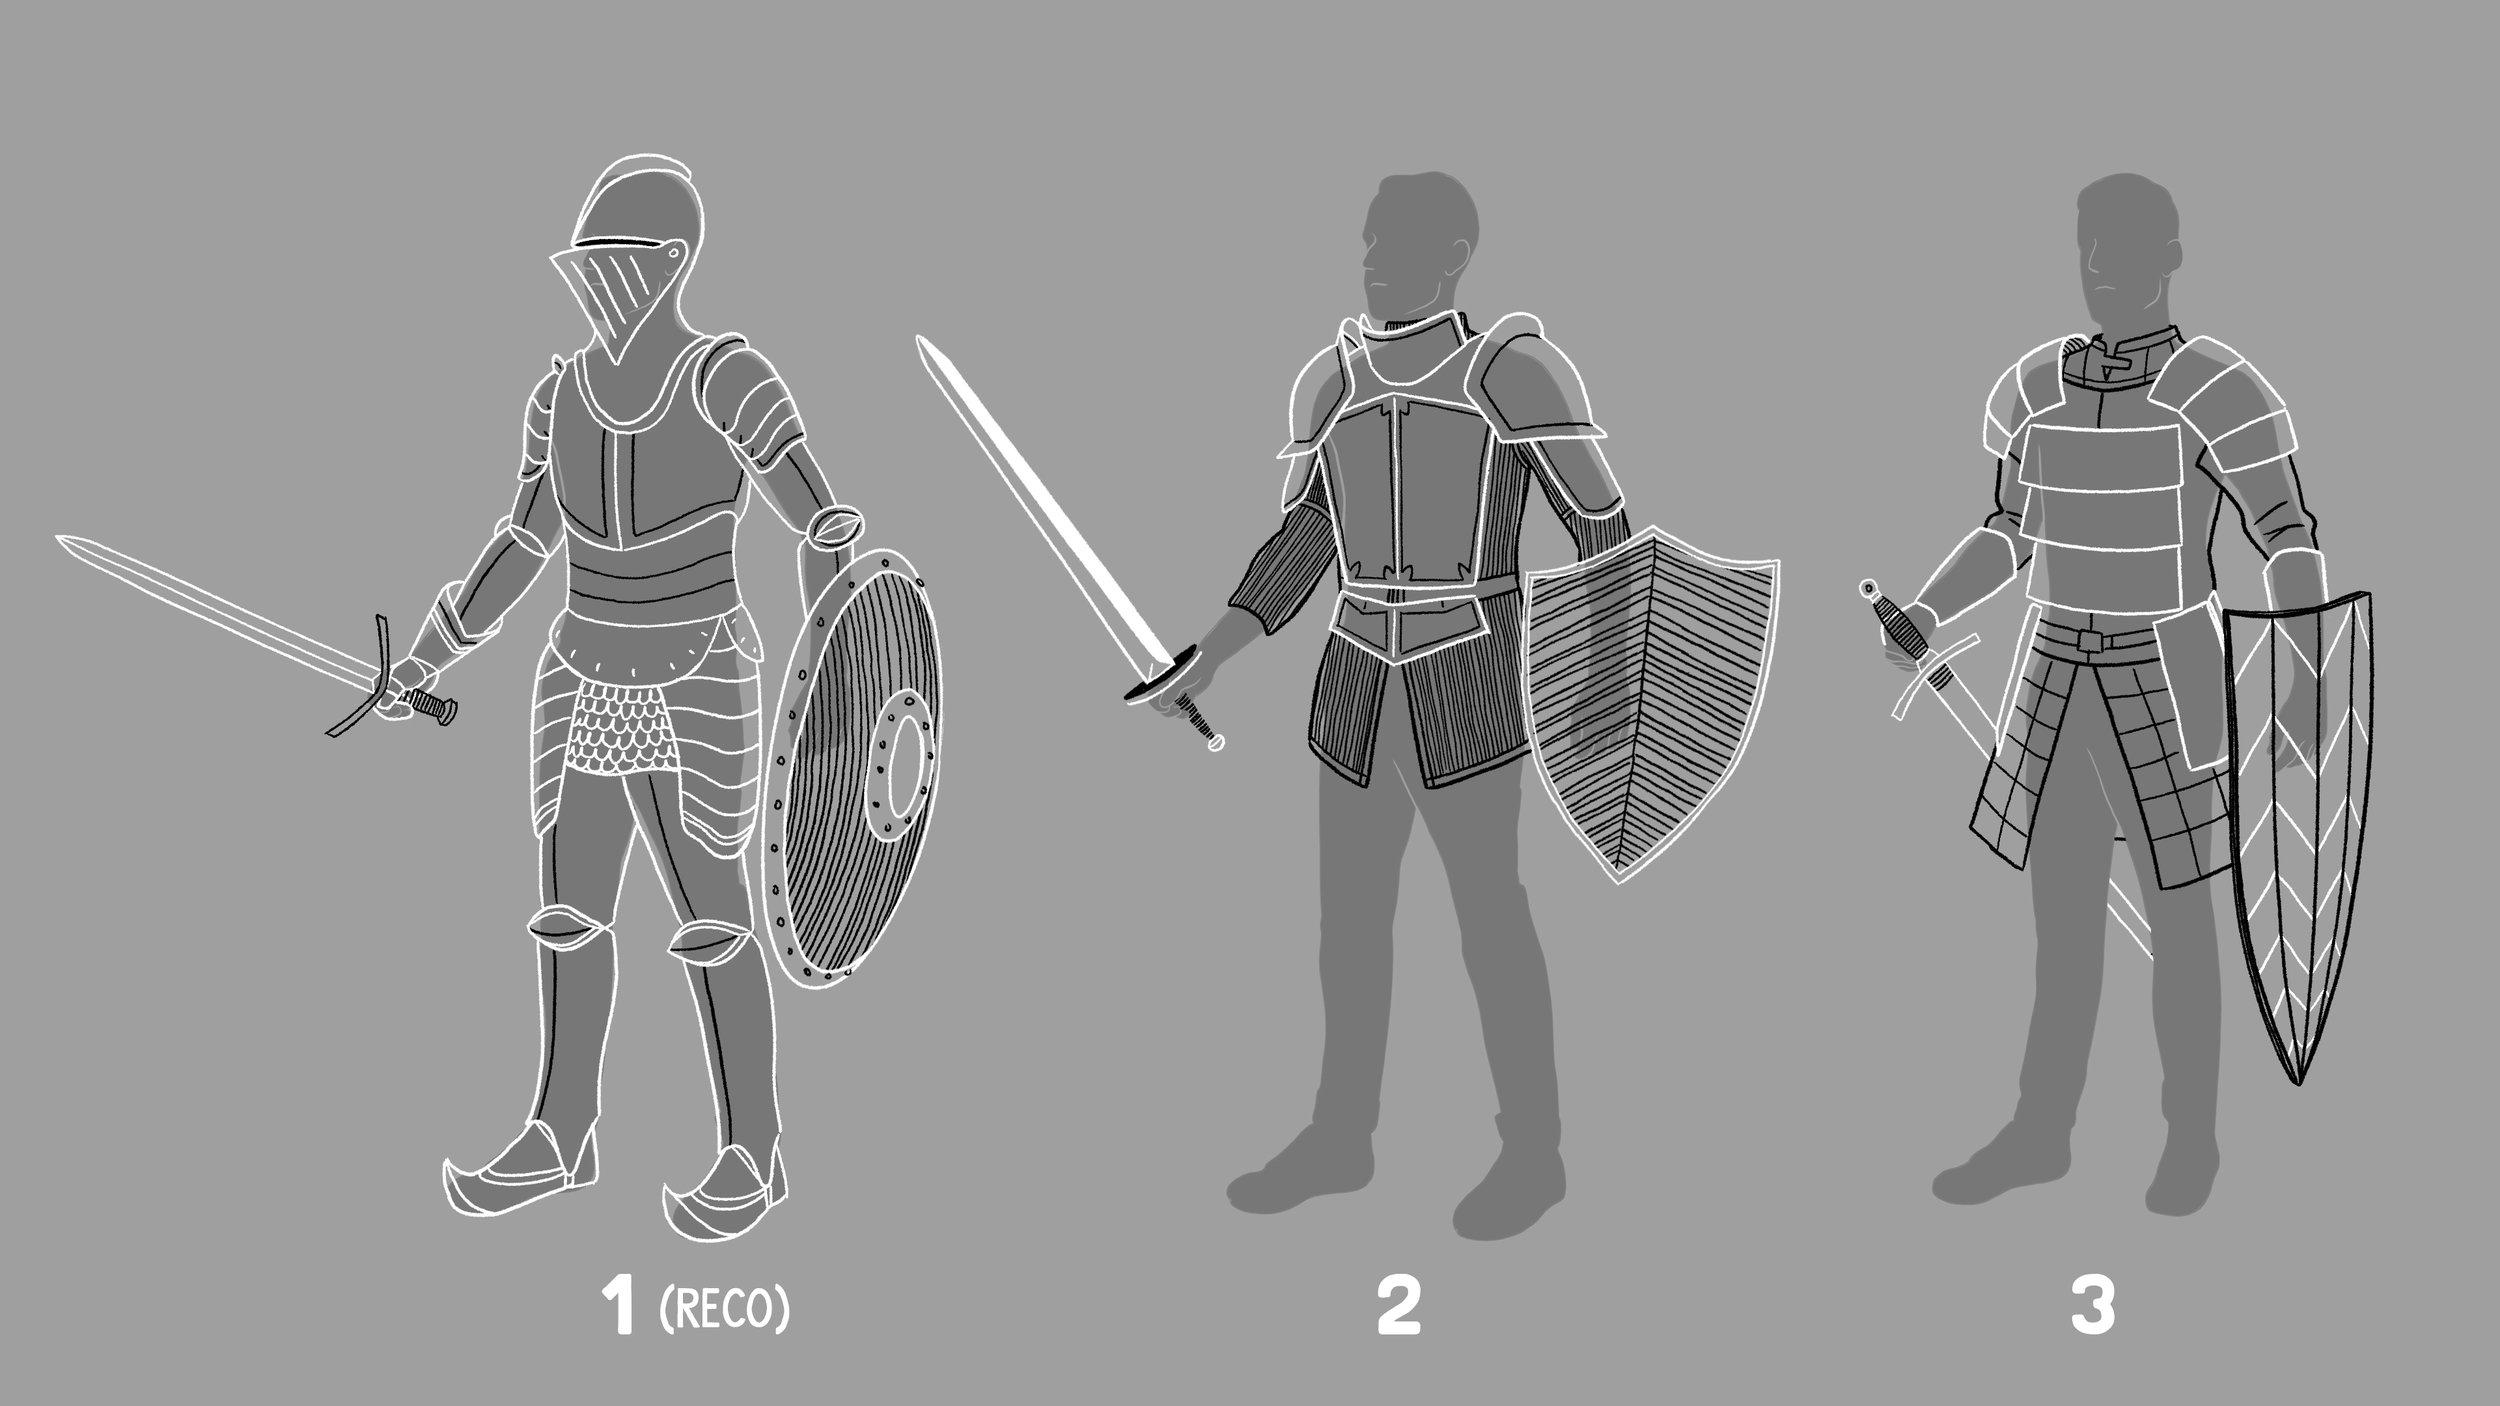 Knight_Sheet_008.jpg